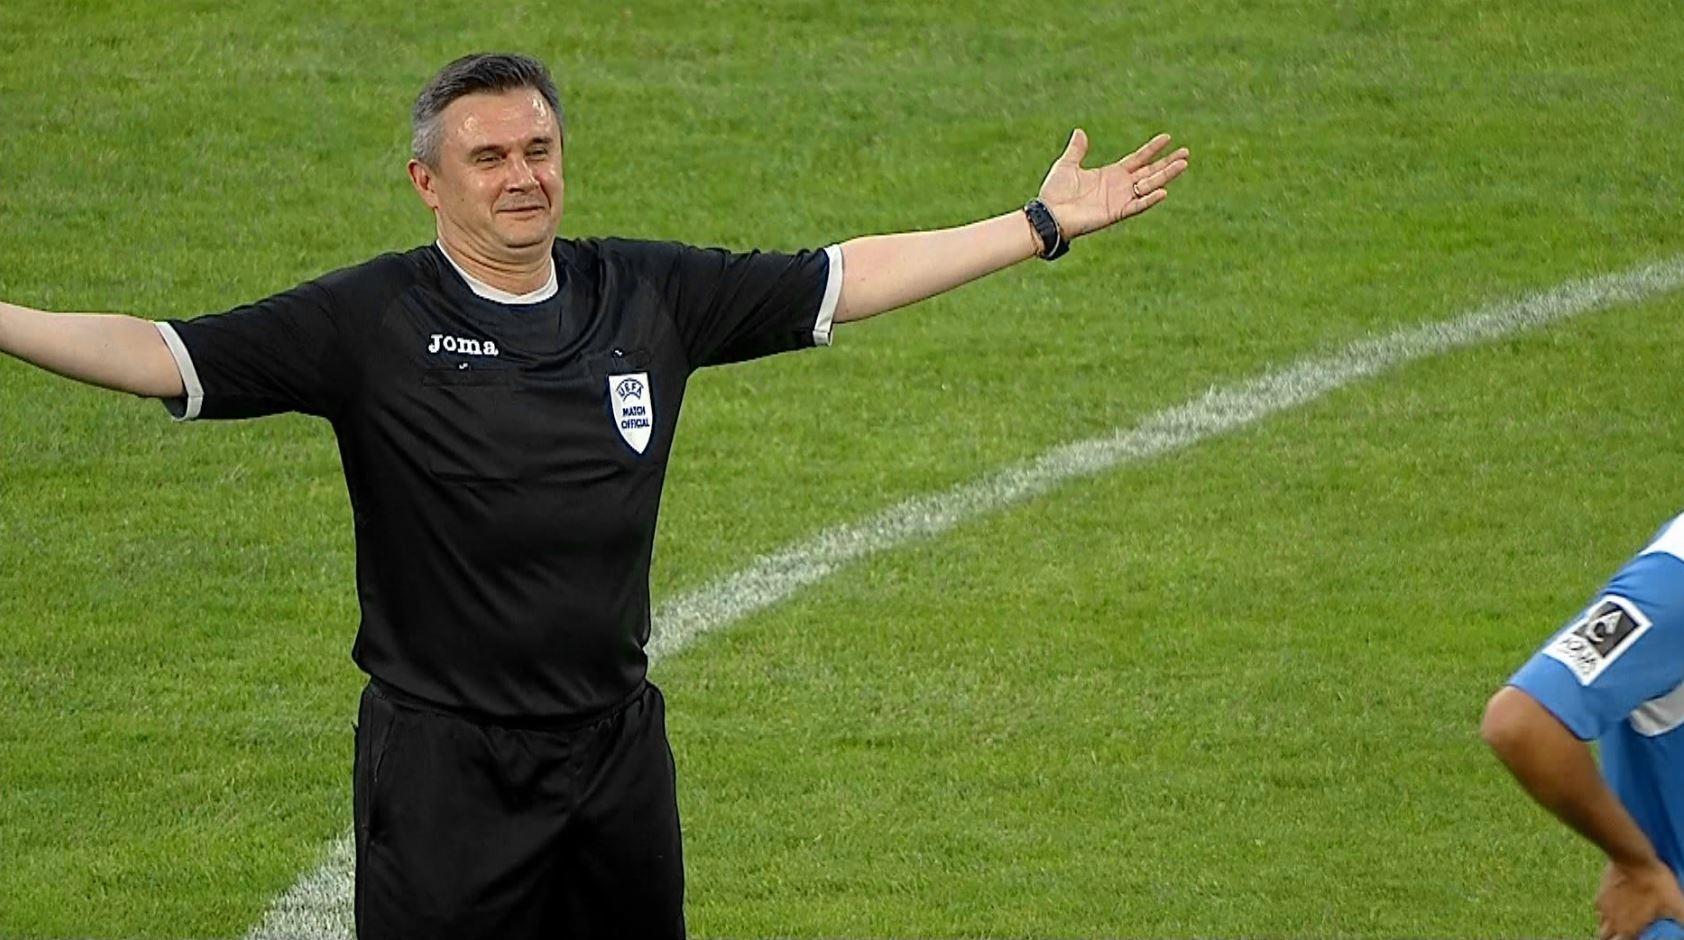 Cristian Balaj, noul președinte de la CFR Cluj: De la nu vreau să mă compromit, la confirm înțelegerea